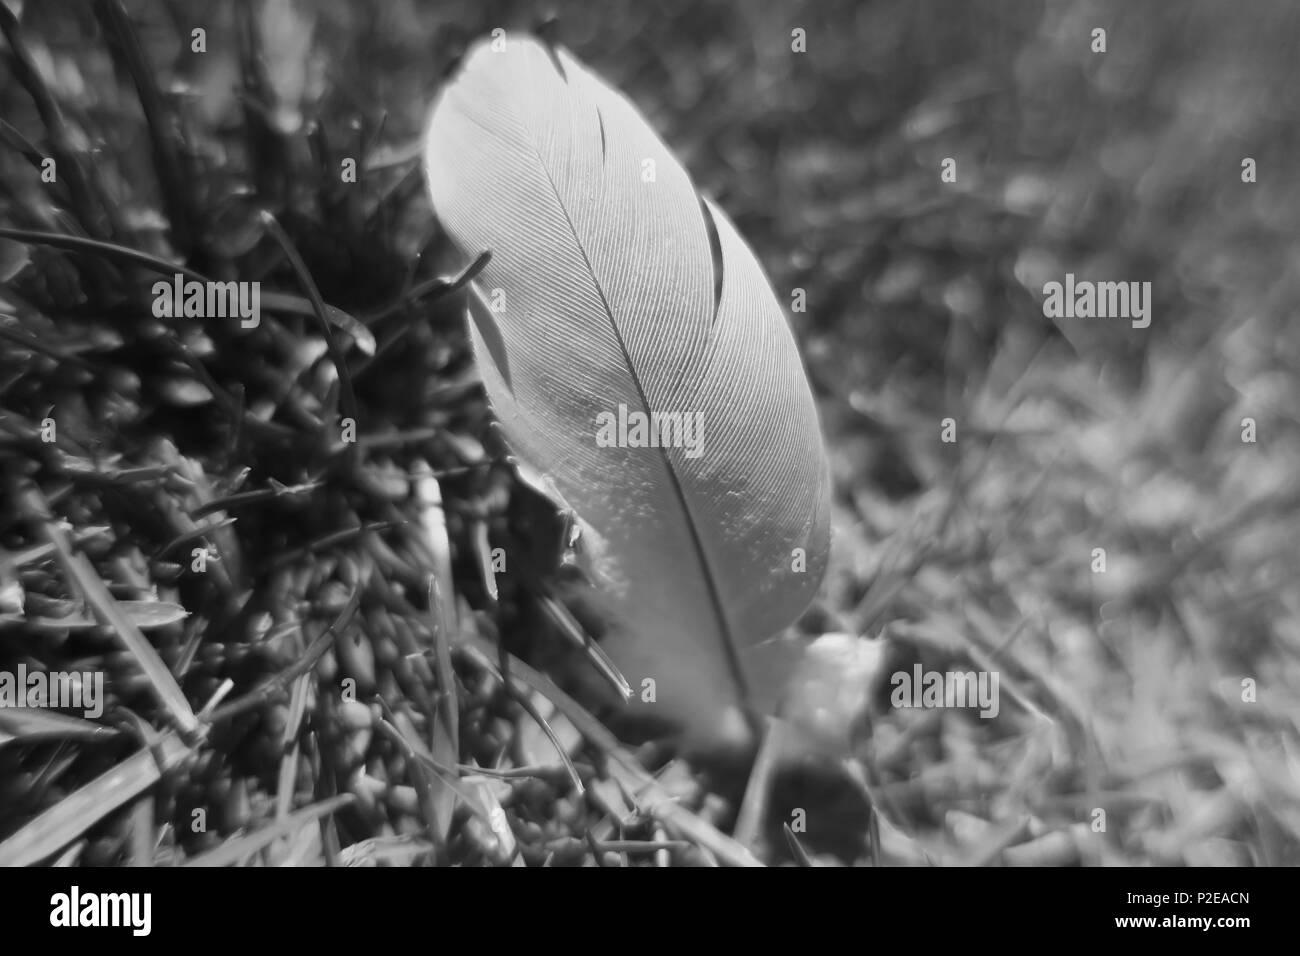 Une plume d'oiseau allongé dans l'herbe en noir et blanc. Photo Stock